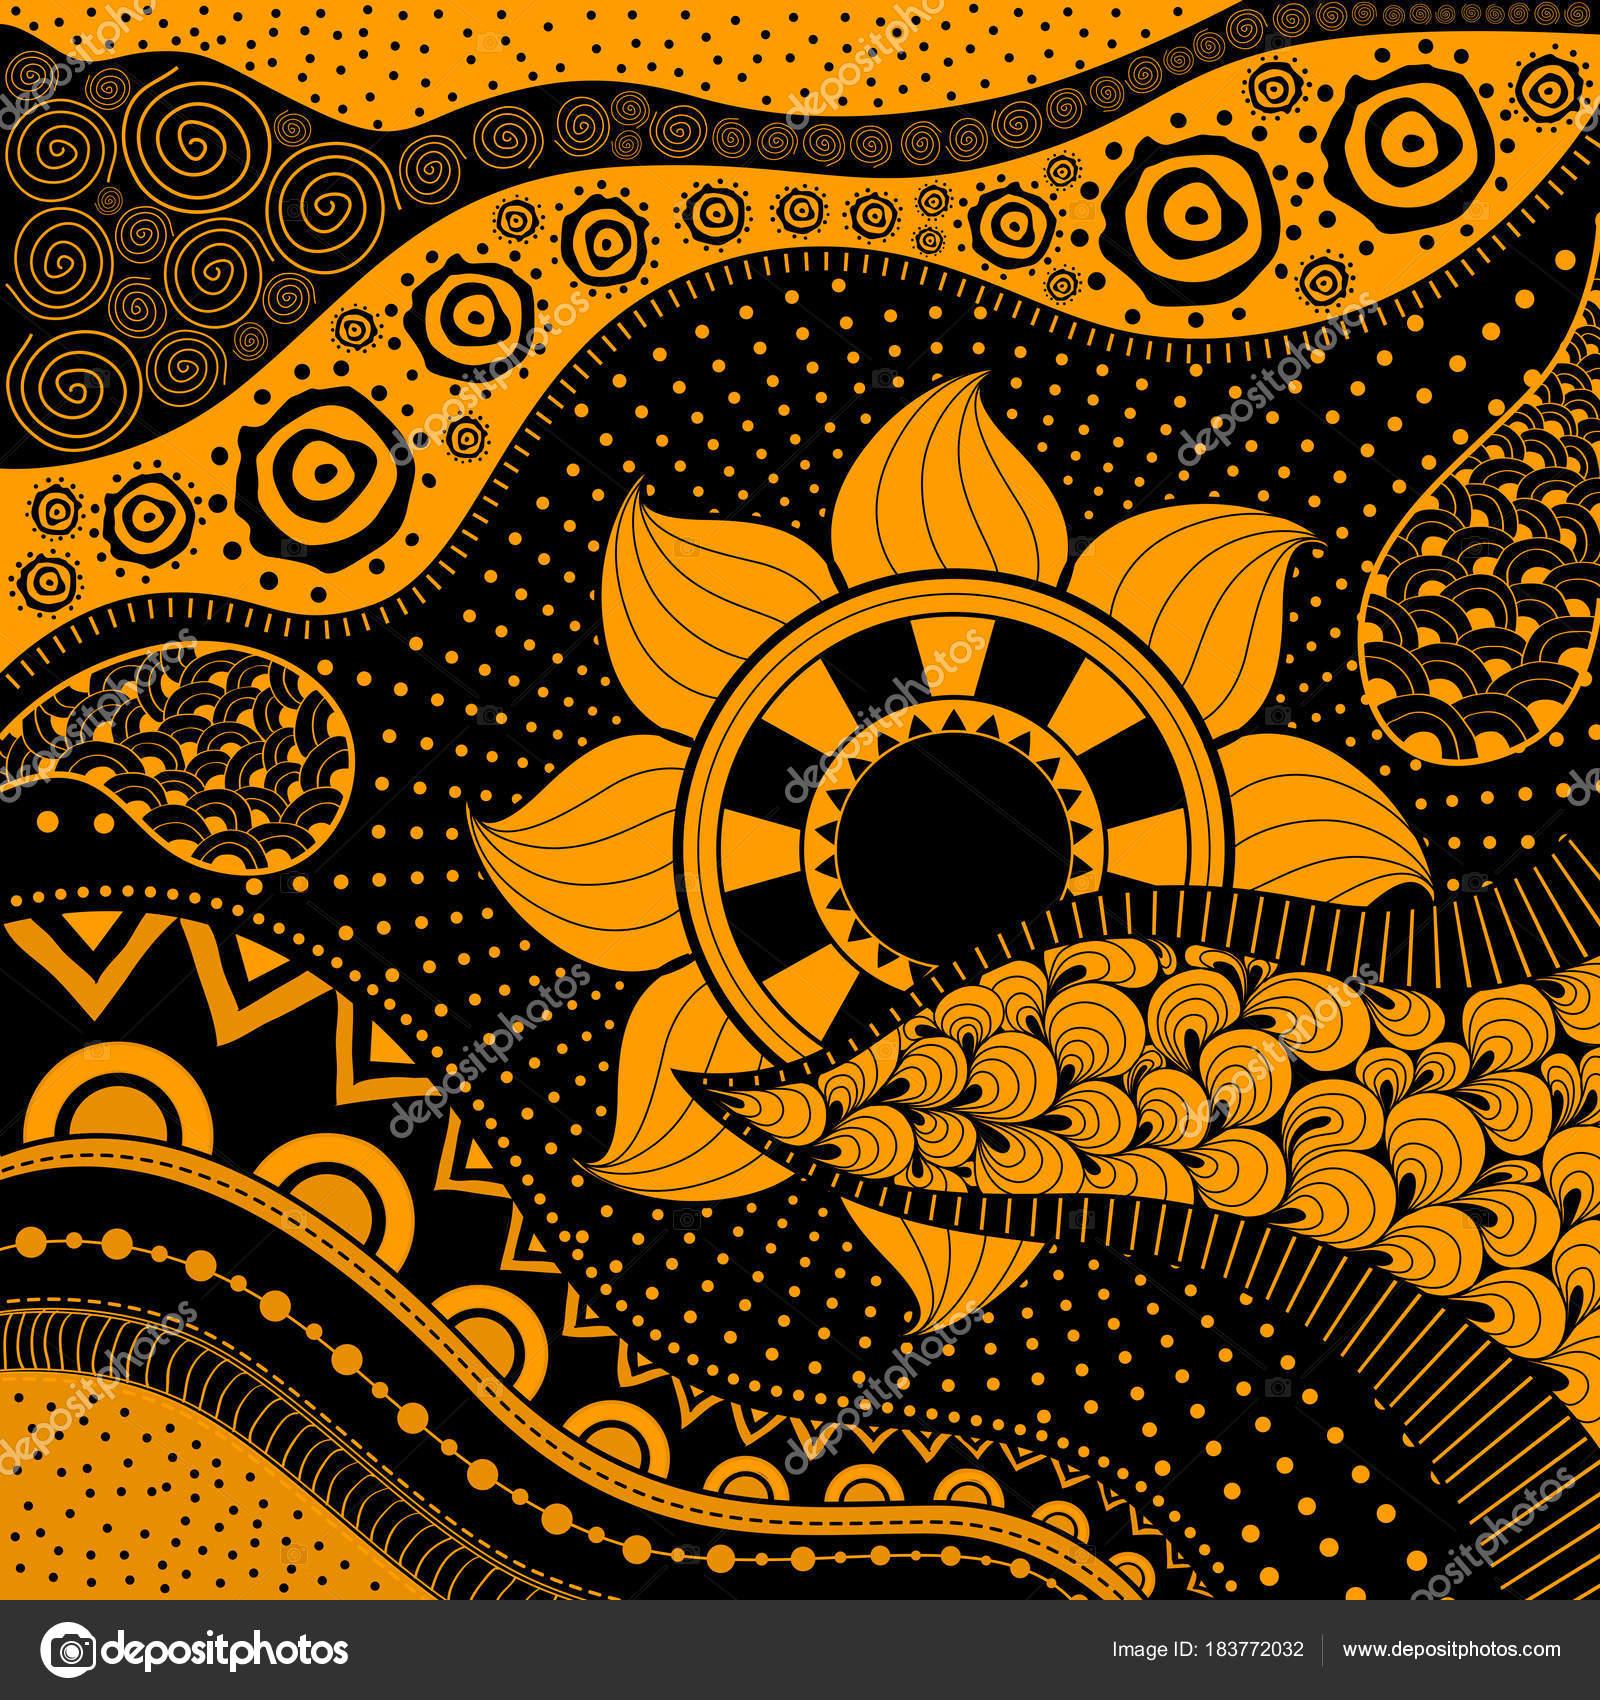 Ethno Muster handgezeichnete ethno muster stammes hintergrund einsetzbar für